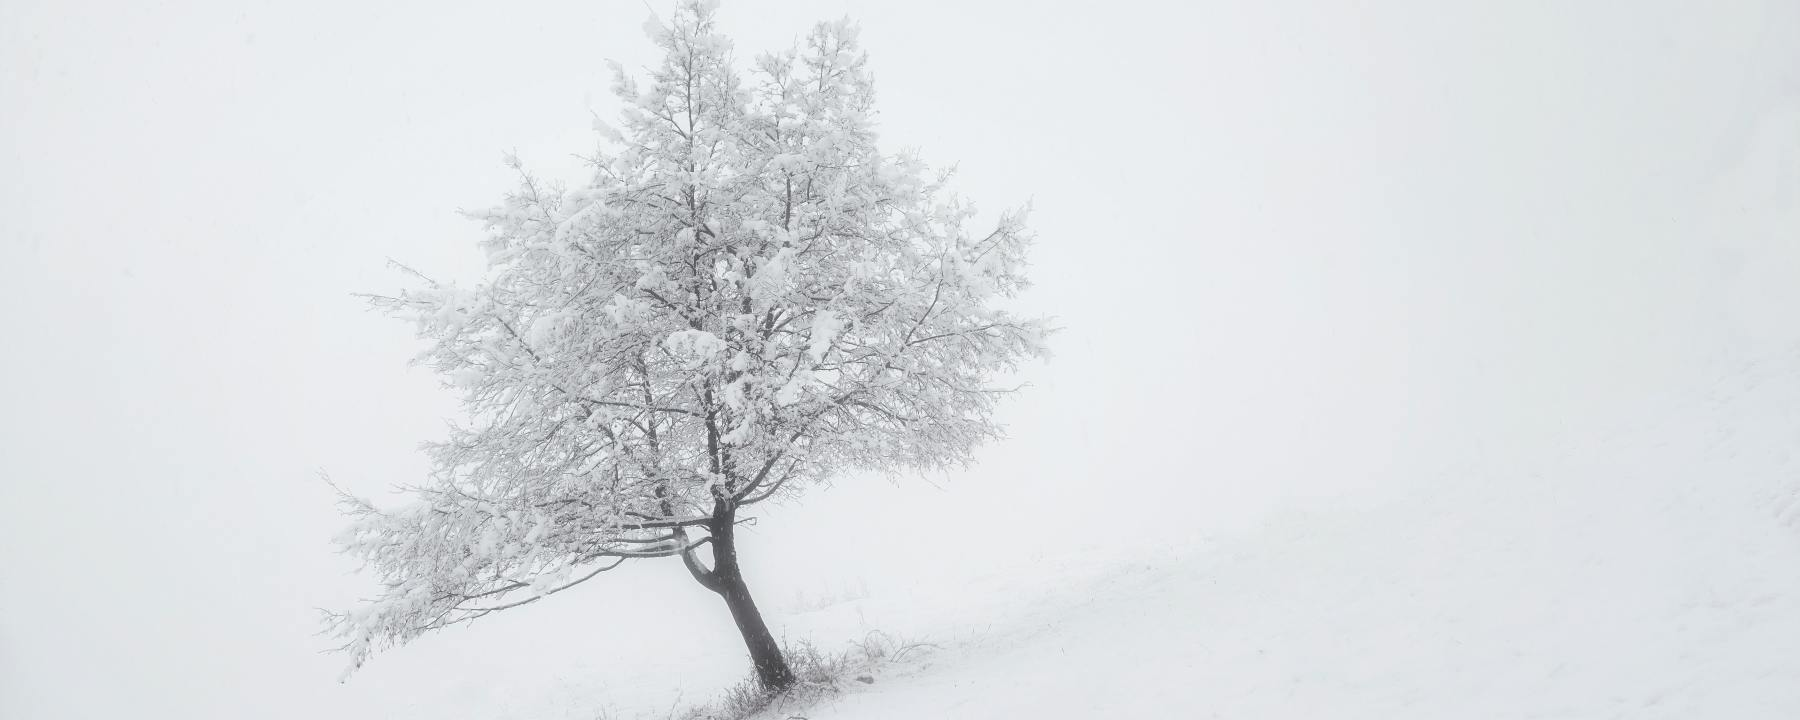 snow fallen heavy on a tree